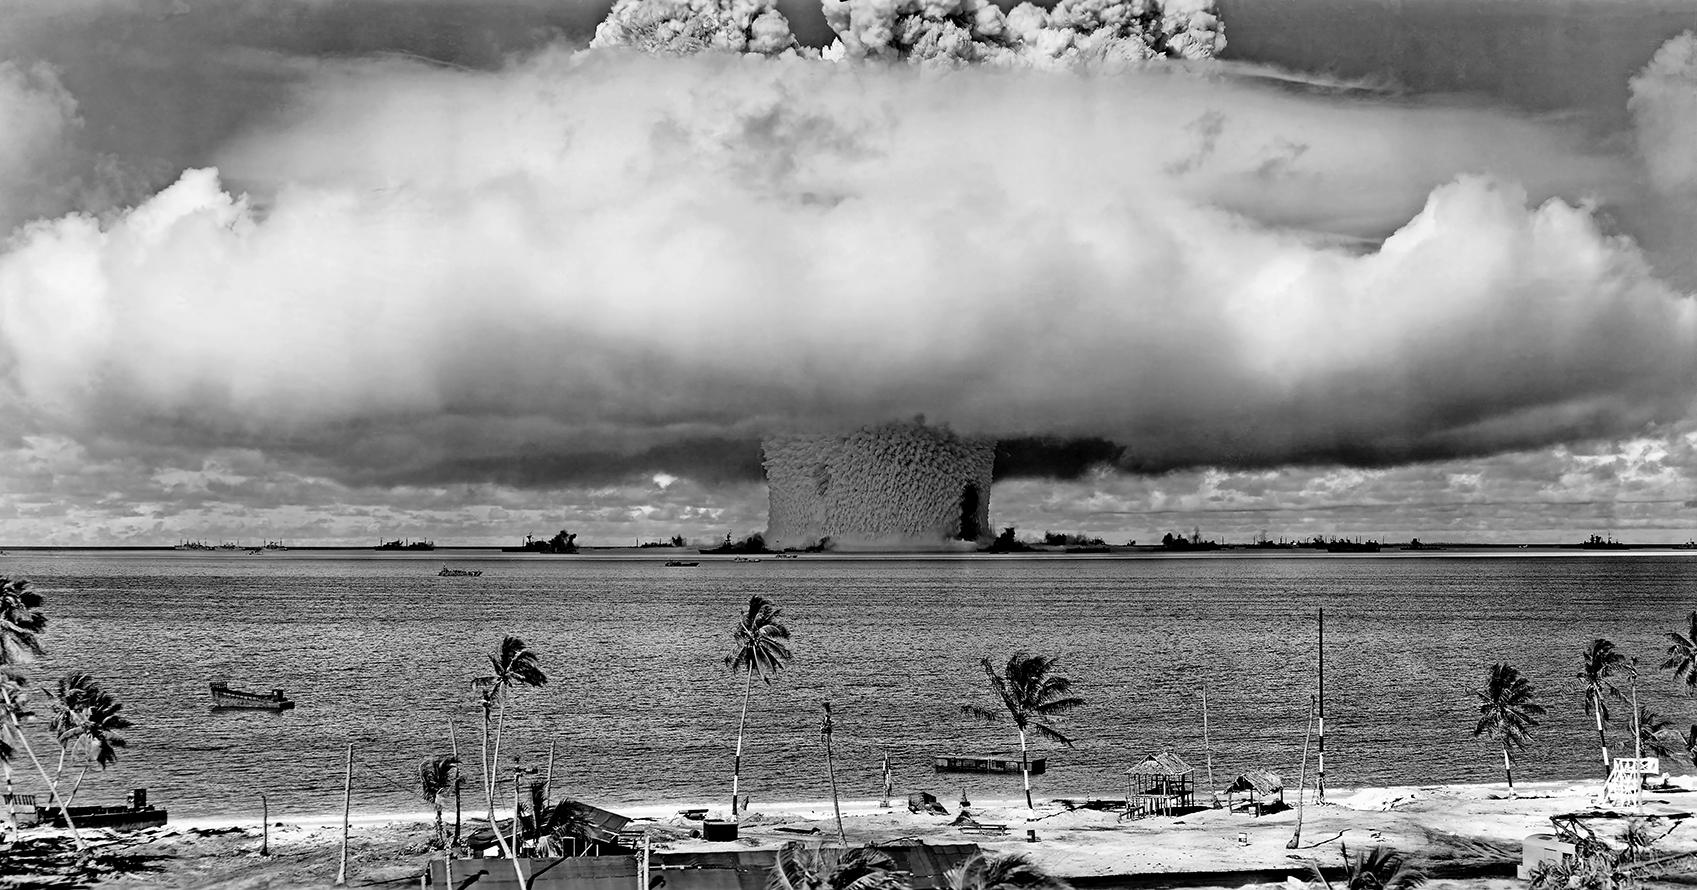 太平洋地區的核試驗成為綠色和平運動的目標。(公有領域)